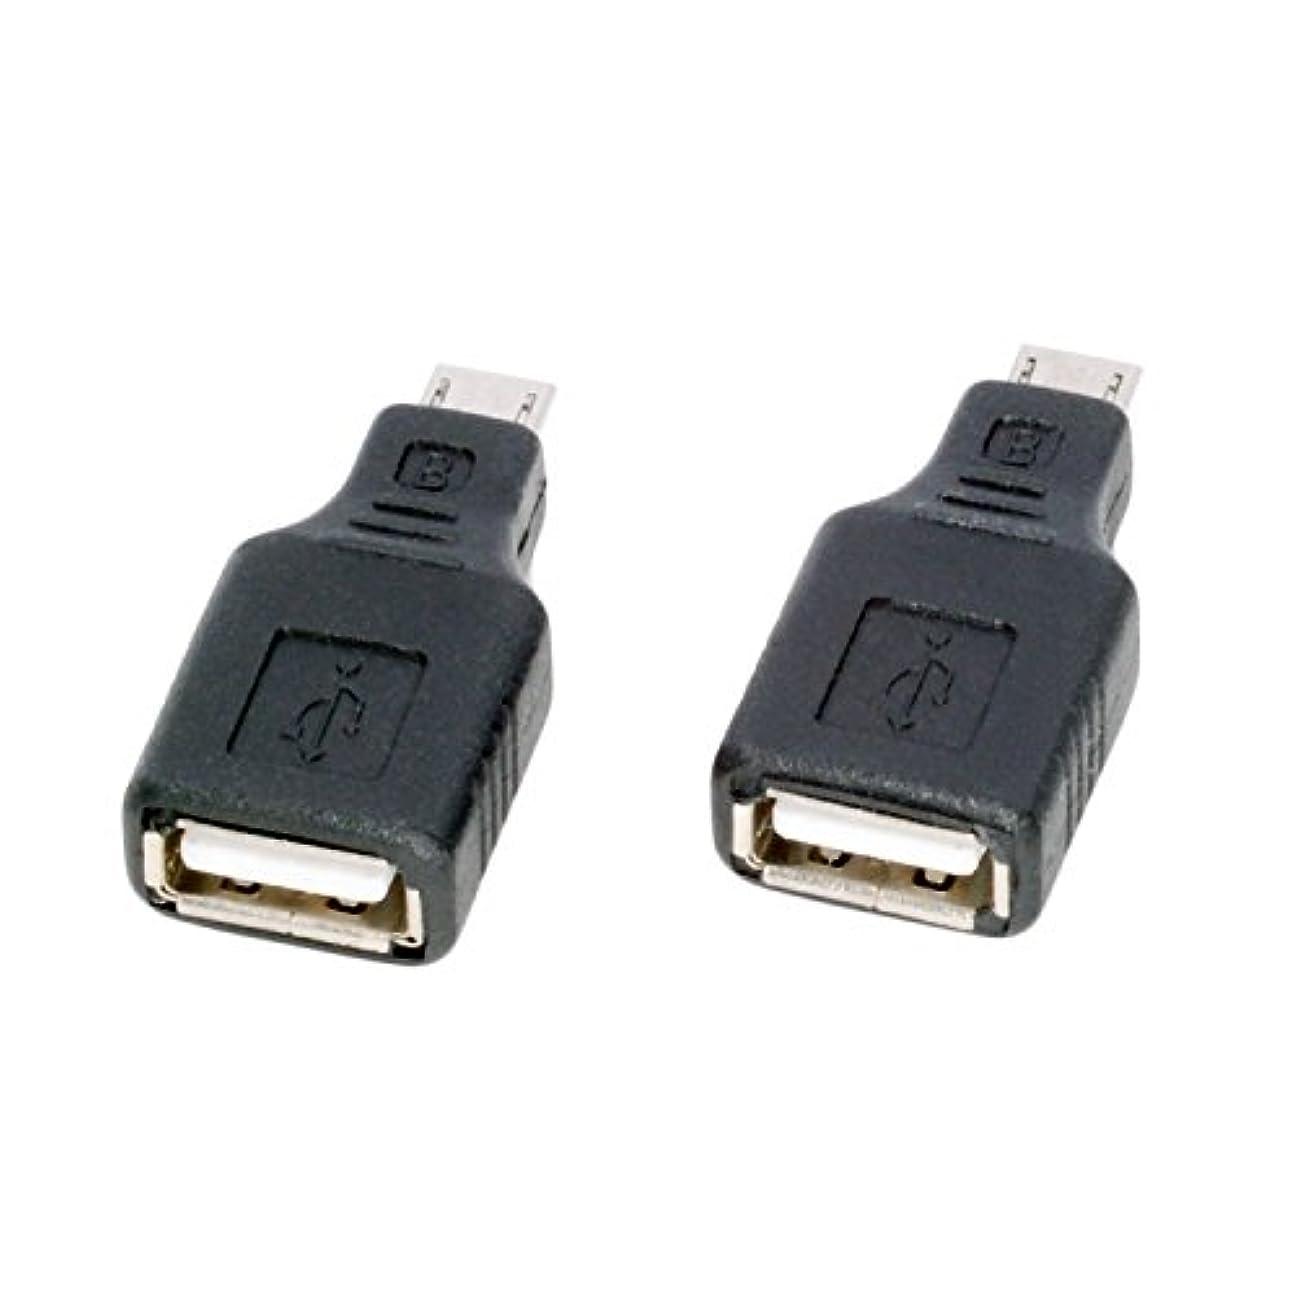 抜本的なバスケットボール勇敢な(ノーブランド品) USB(メス)⇒micro USB(オス) 変換アダプタ 2個セット